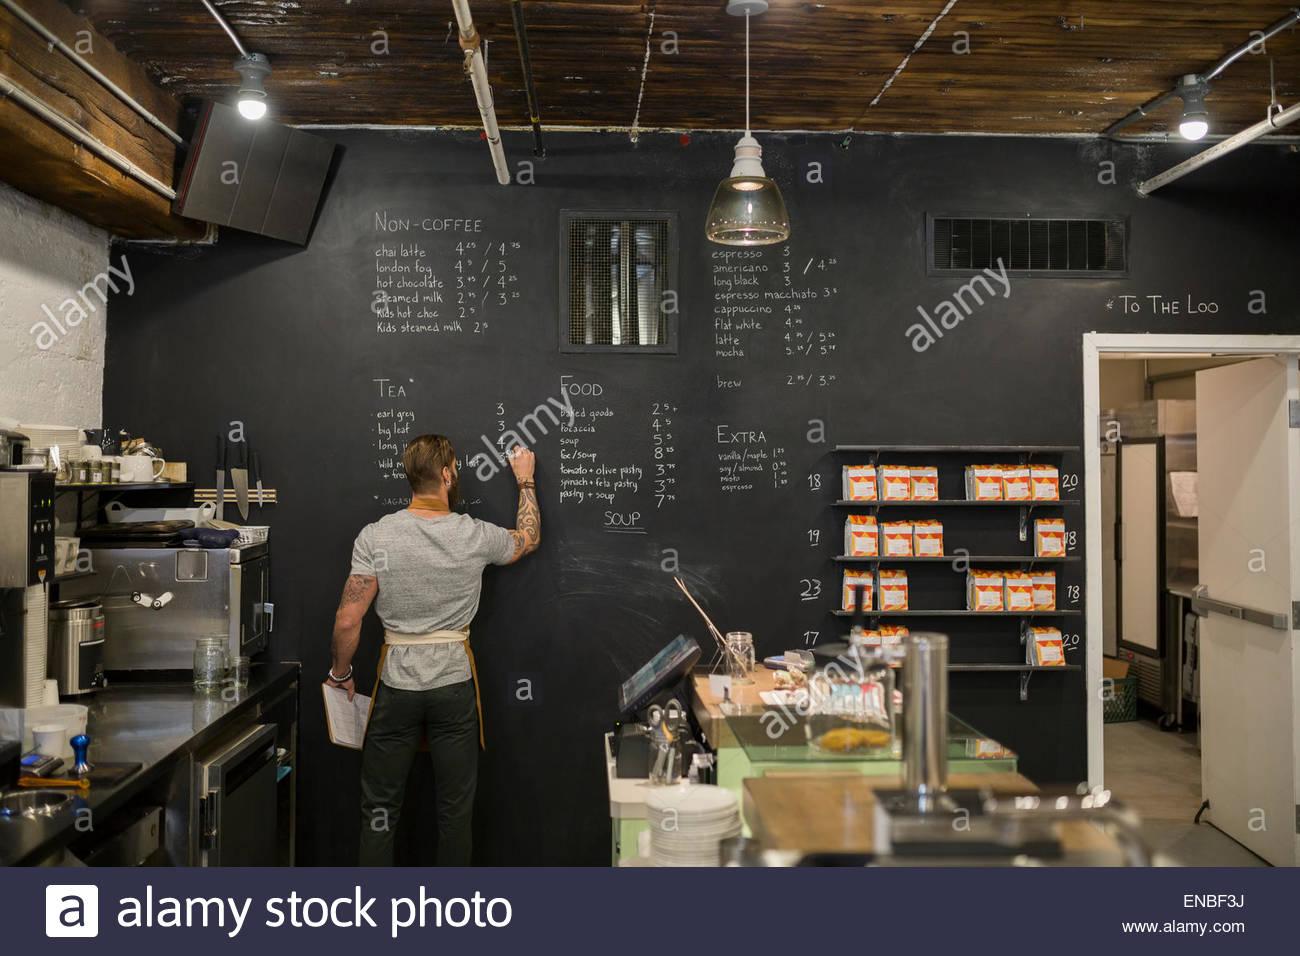 Cafe Menu Blackboards